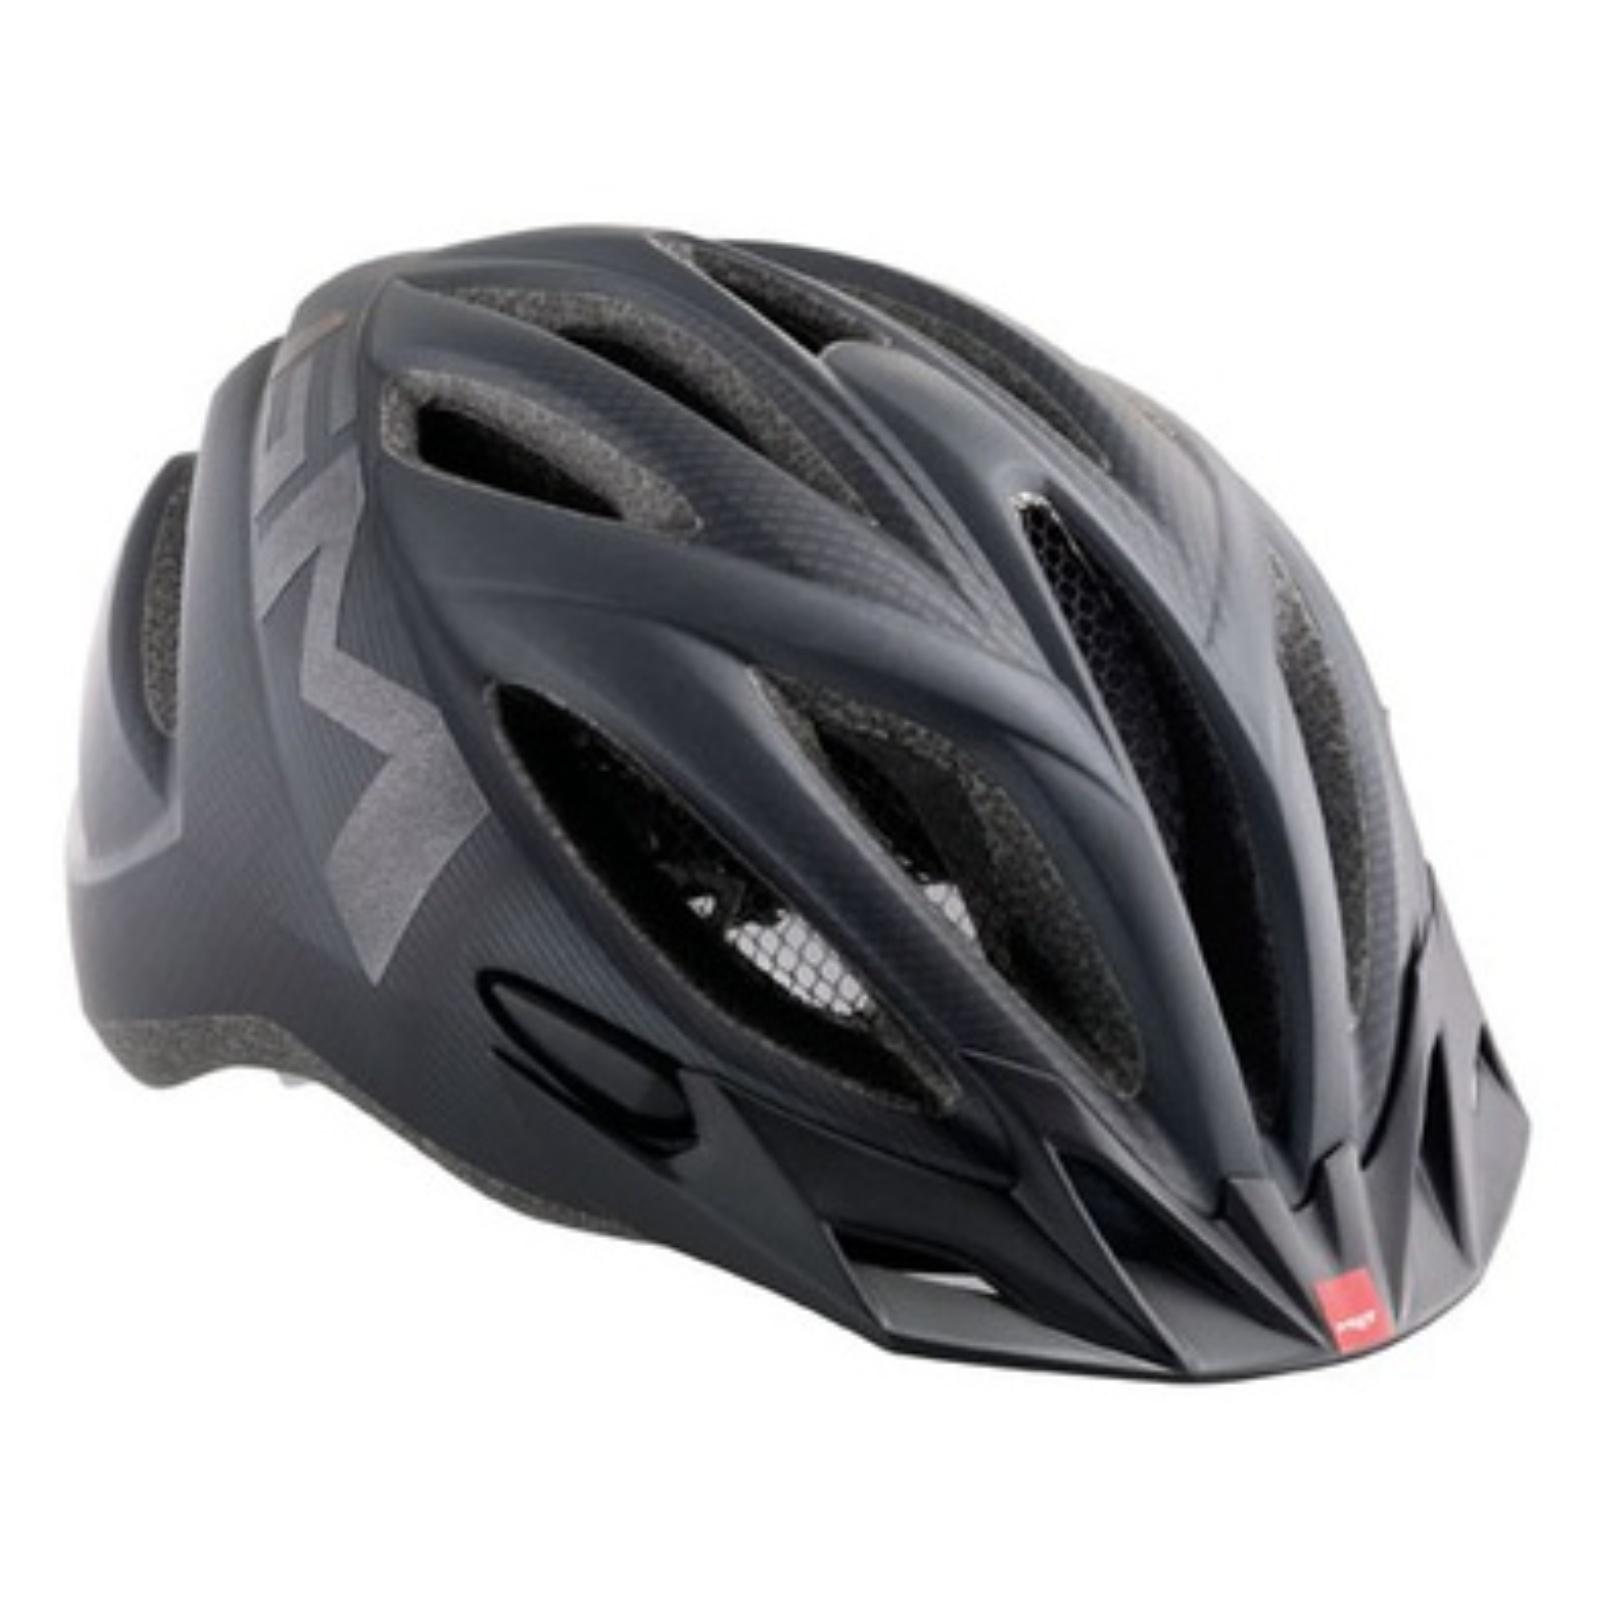 Cyklo přilba MET 20 Miles 59-62 matná-černá